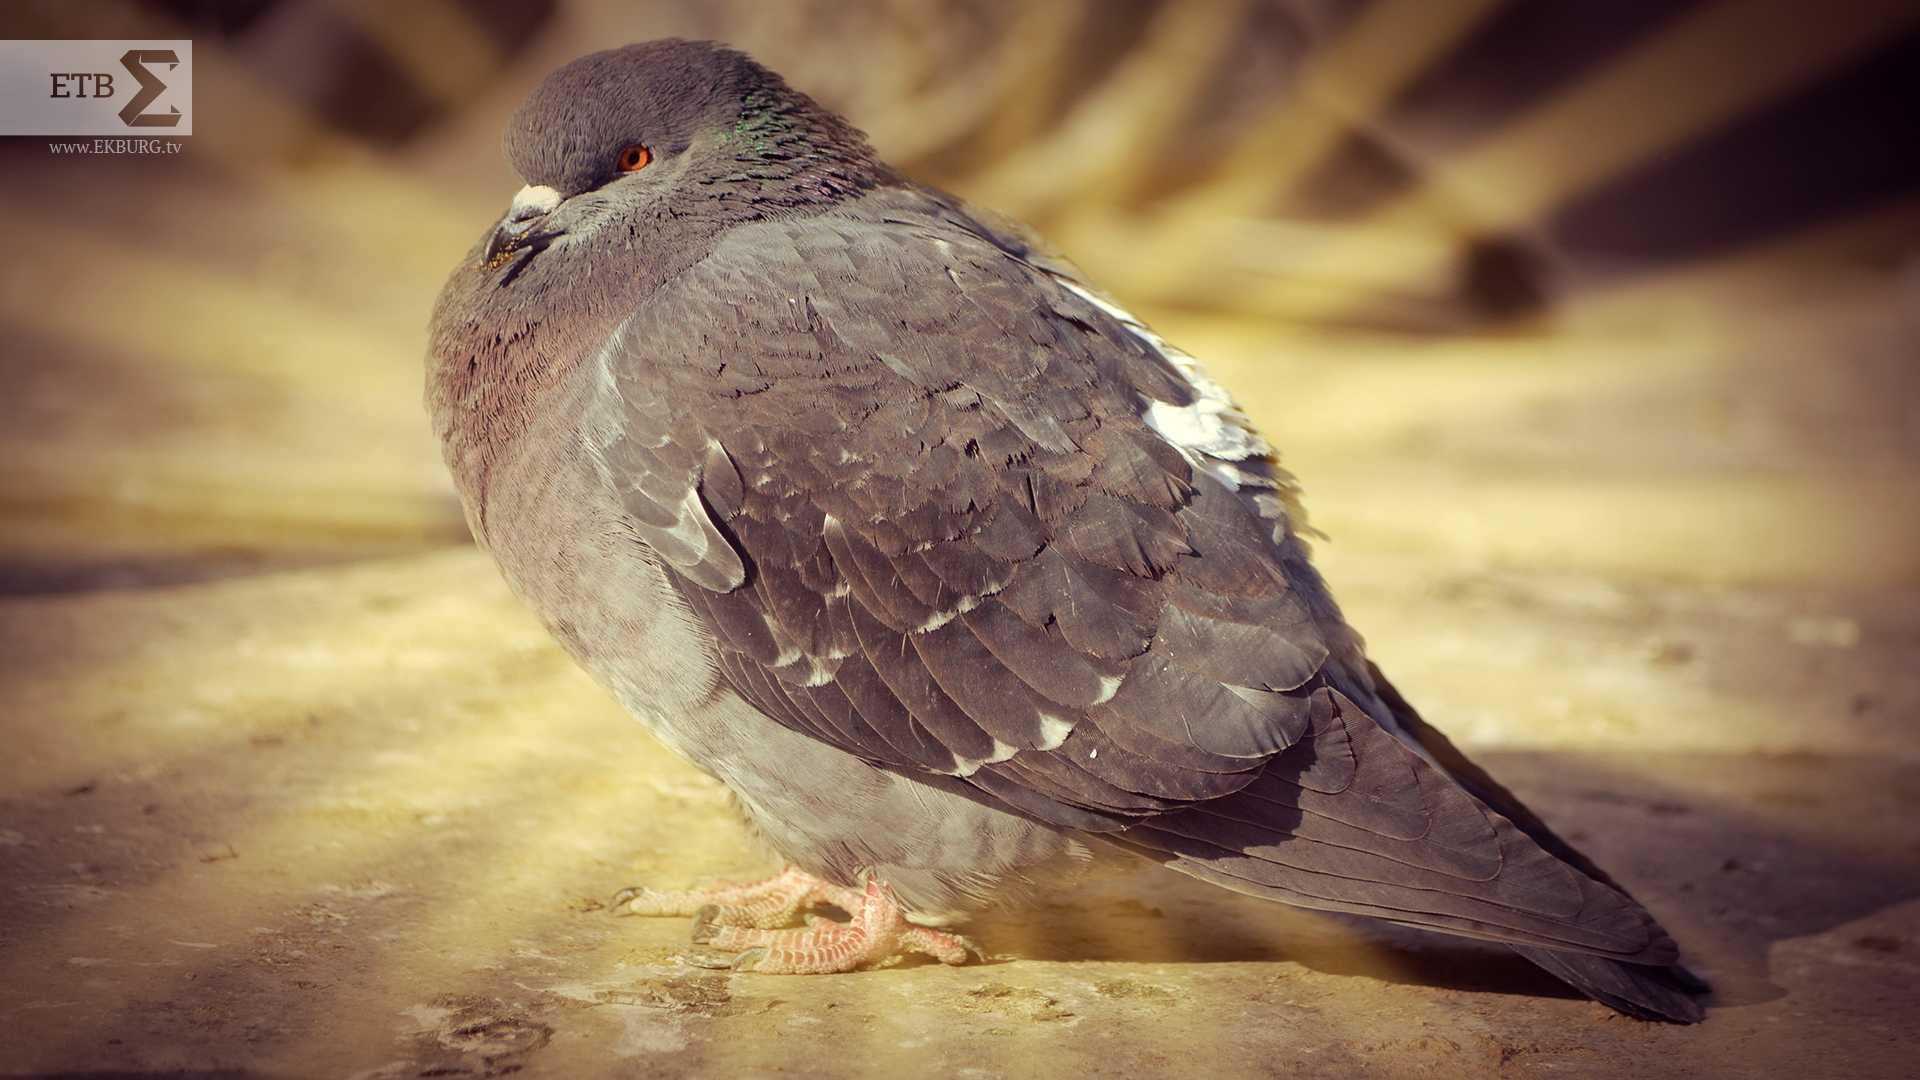 Какой болезнью может заразить человека голубь